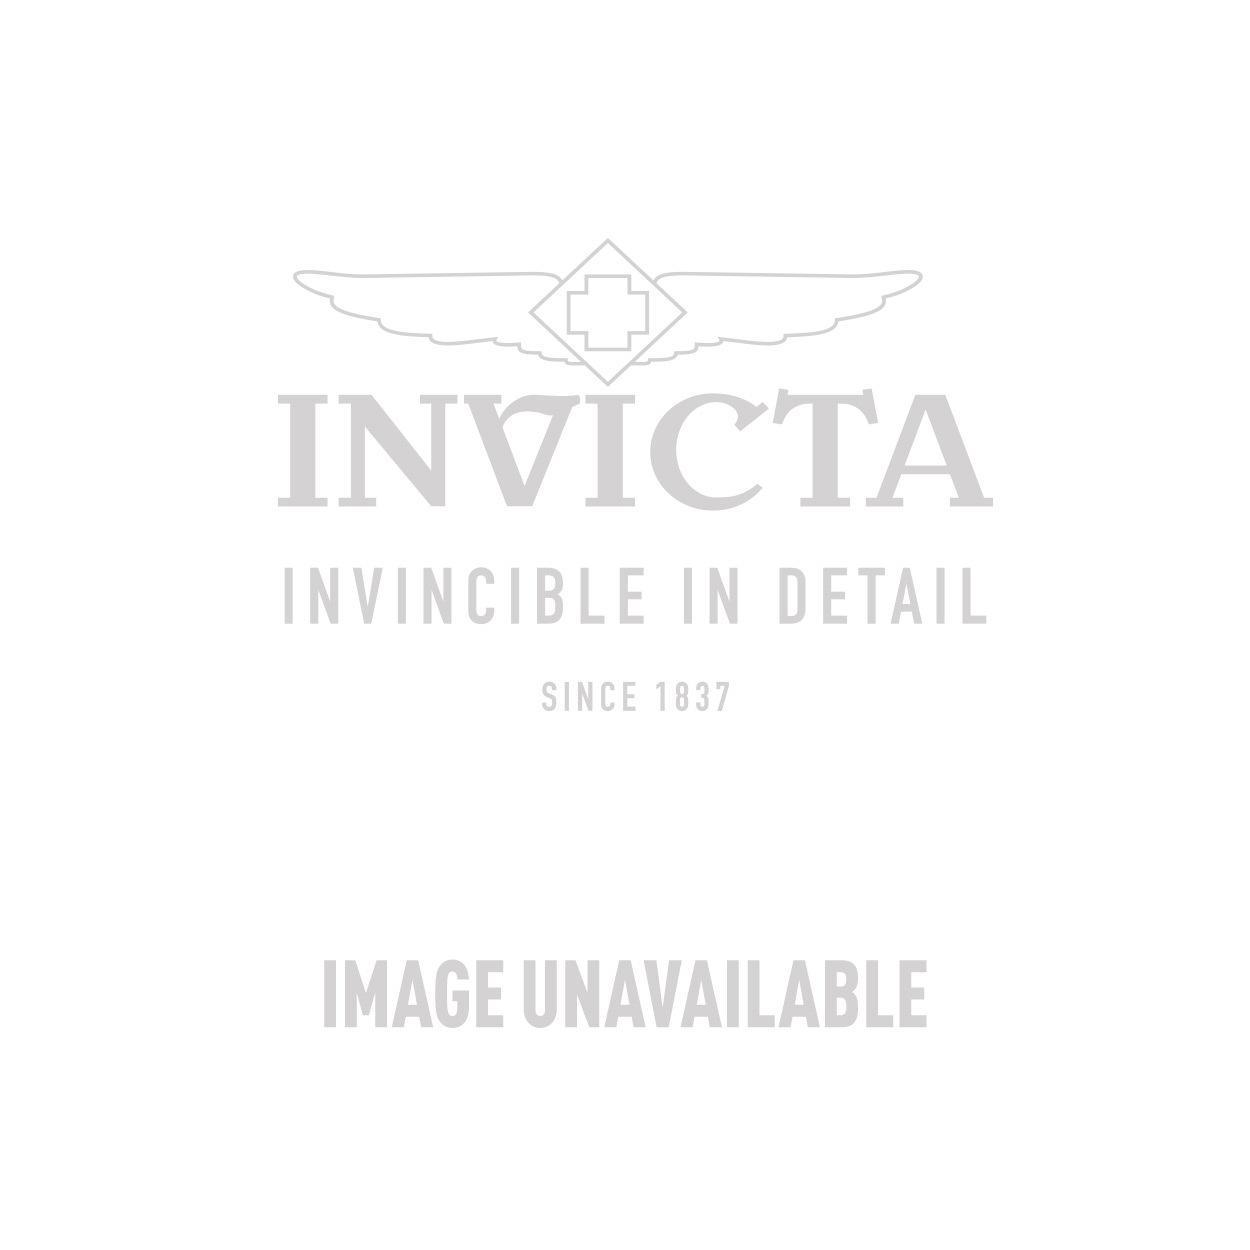 Invicta Model 28909